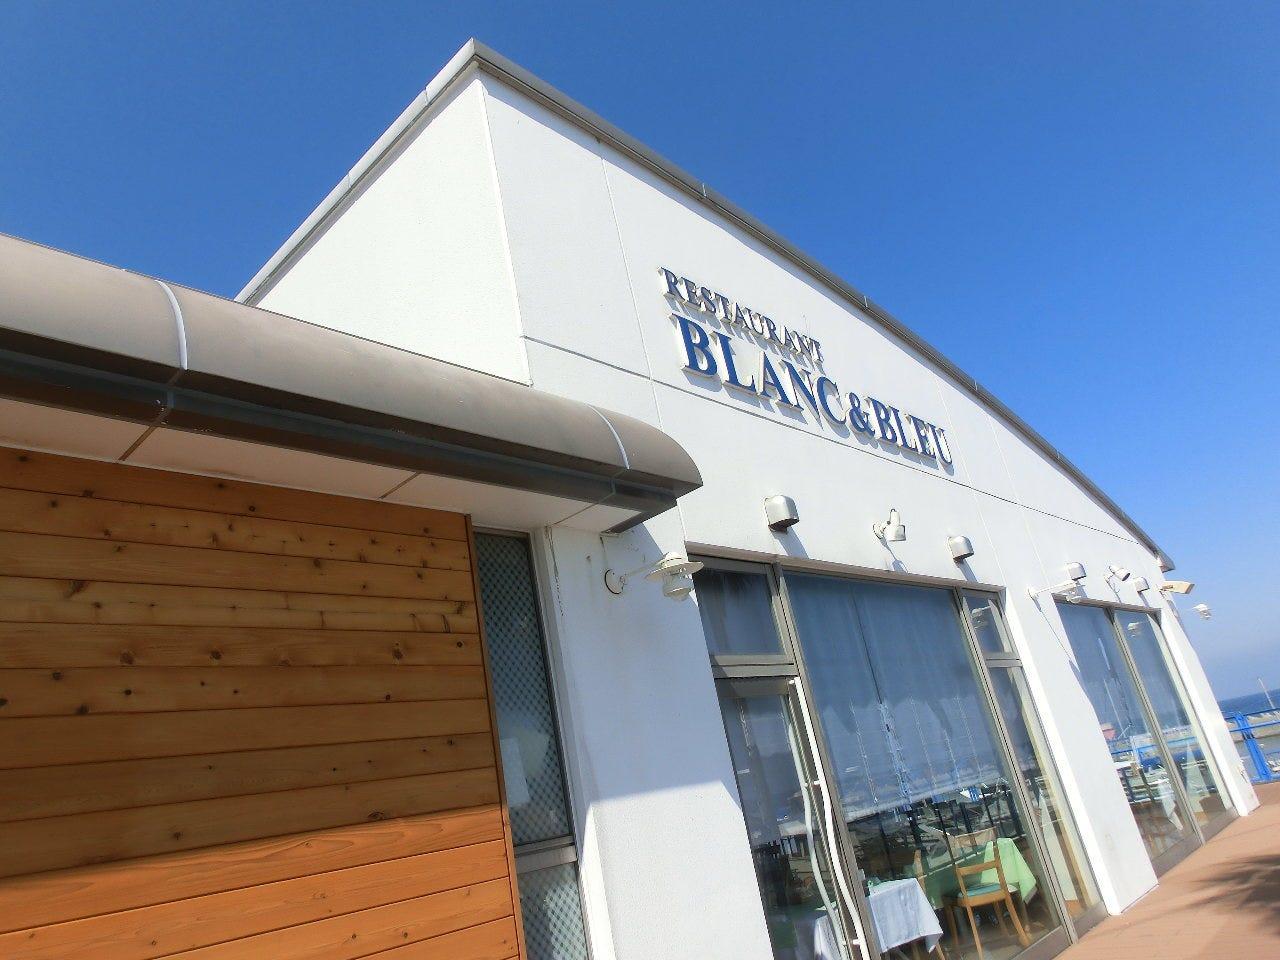 ベイサイドレストラン ブラン・ブルー